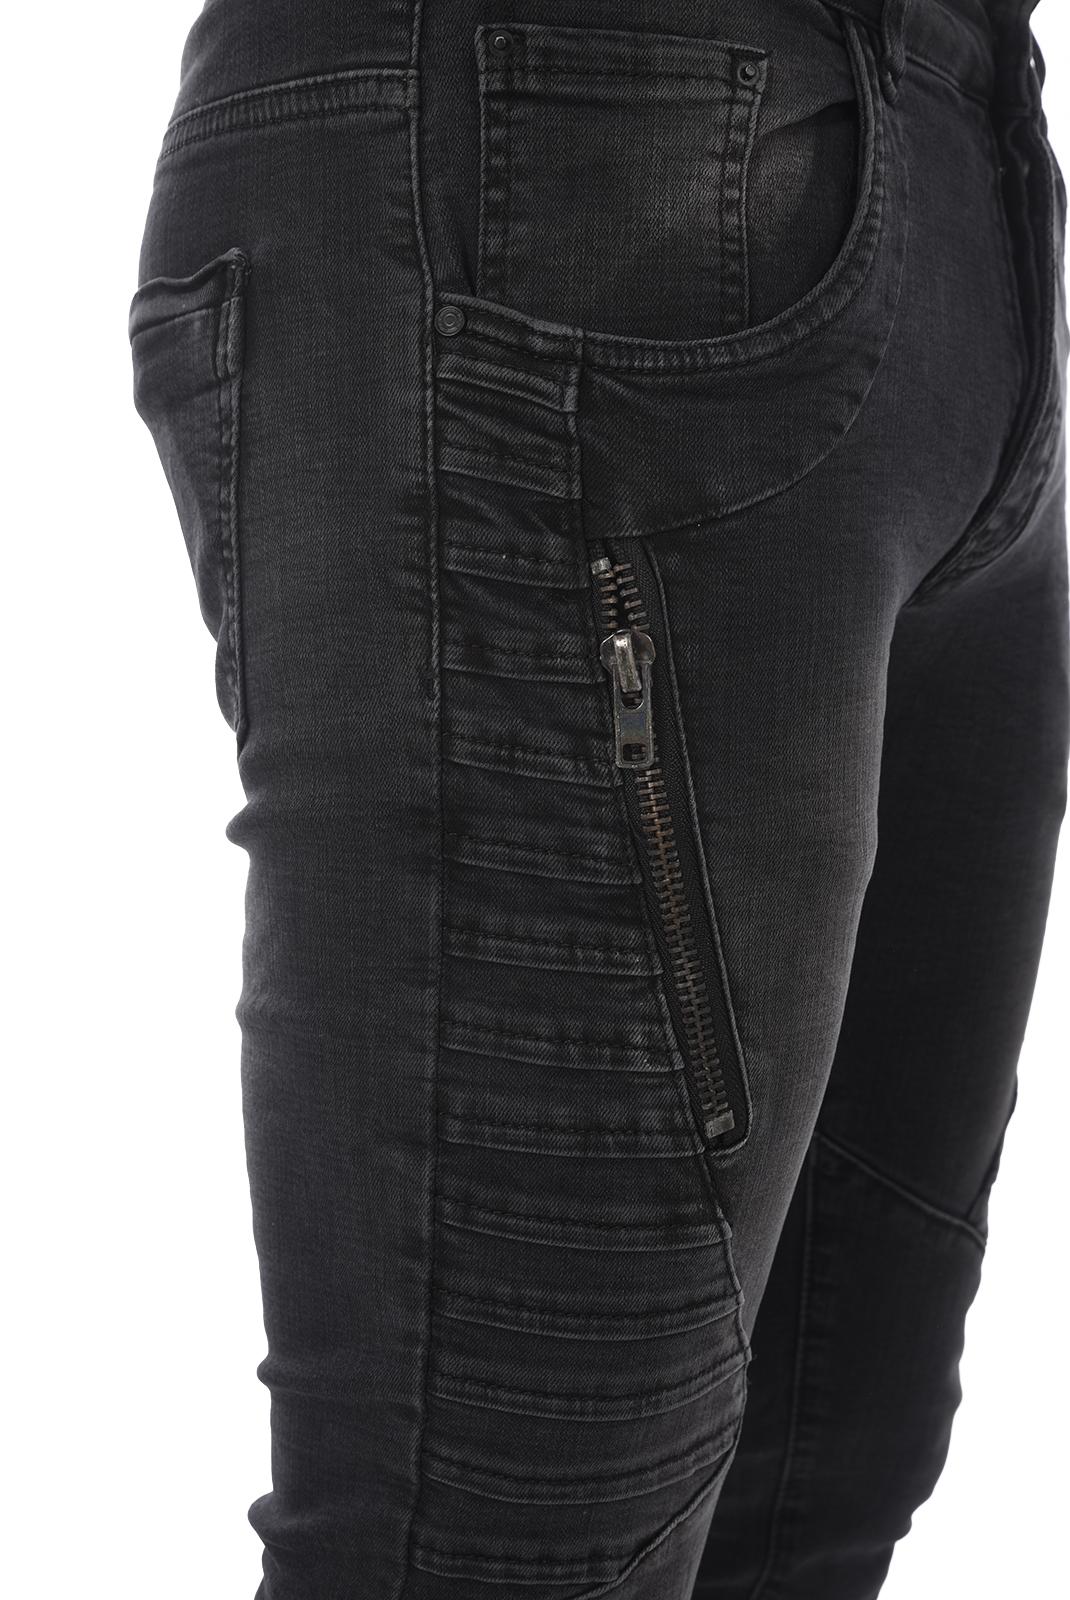 Jean slim / skinny  One two one two WA97057 NOIR